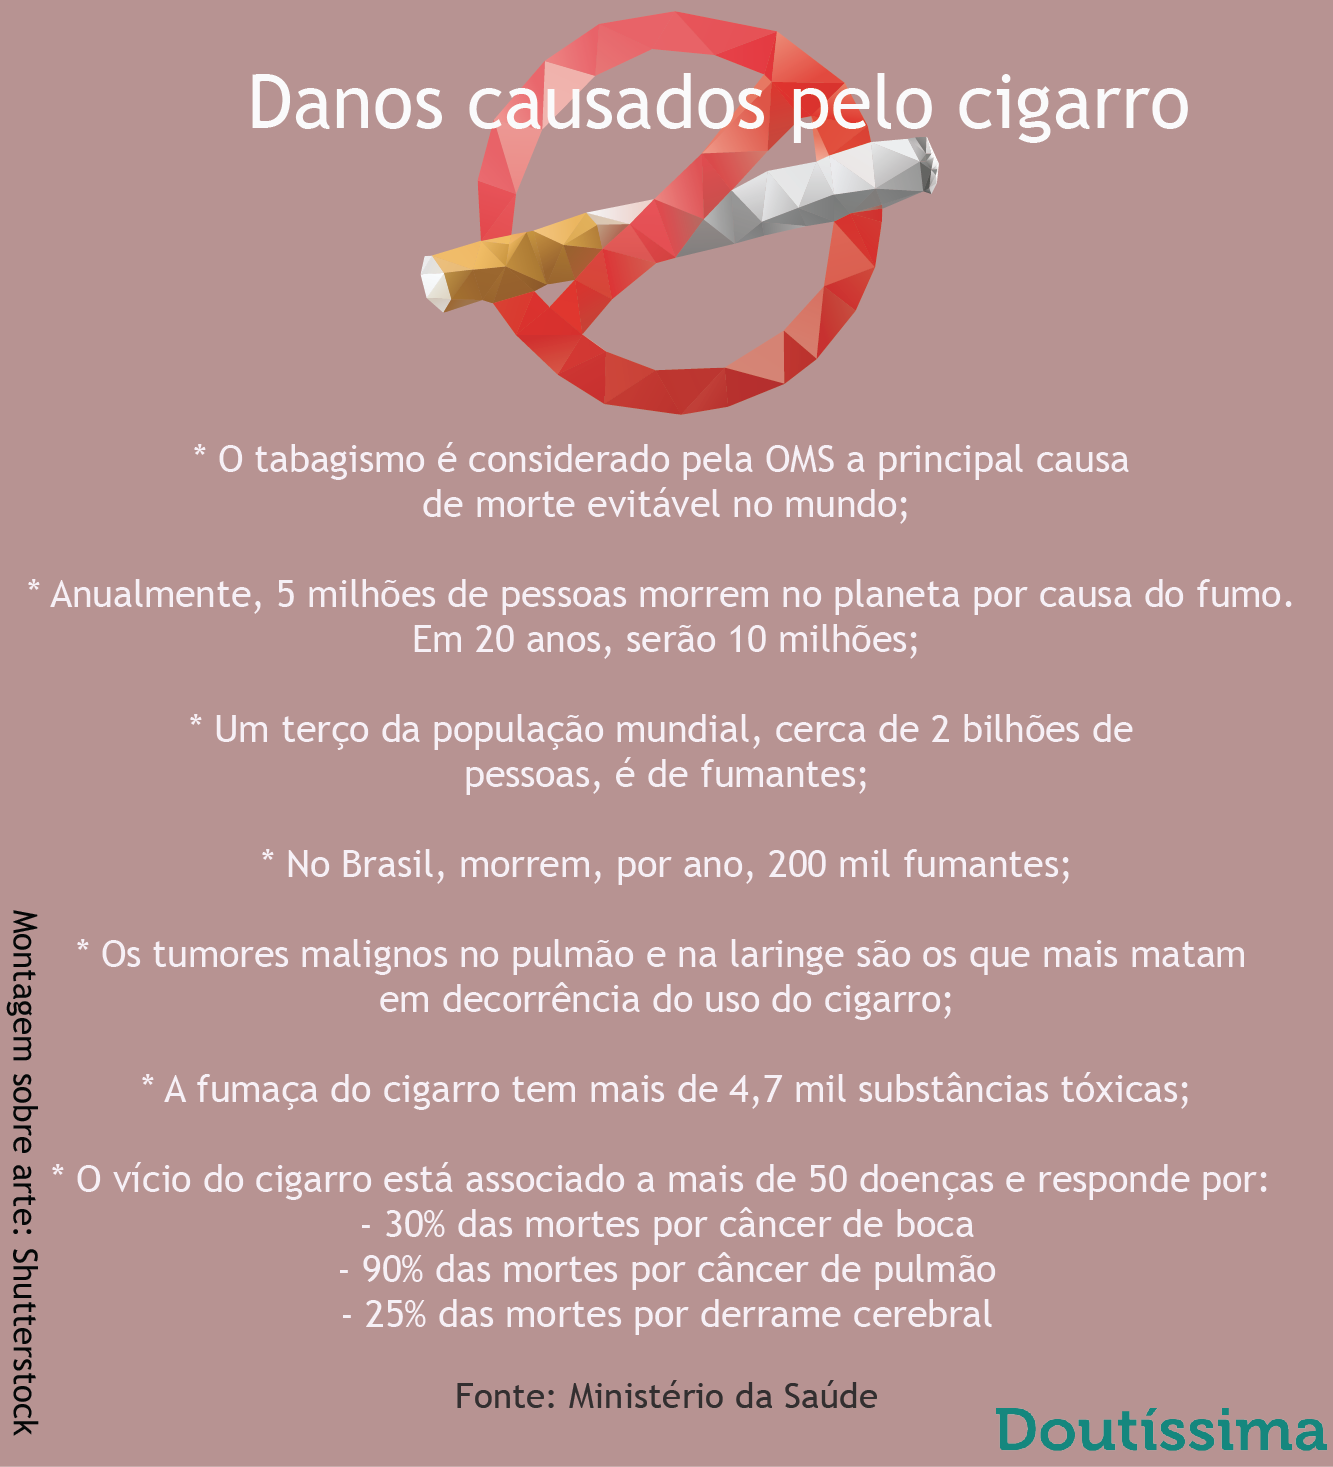 Deixar de fumar na gravidez em primeiras respostas de termos